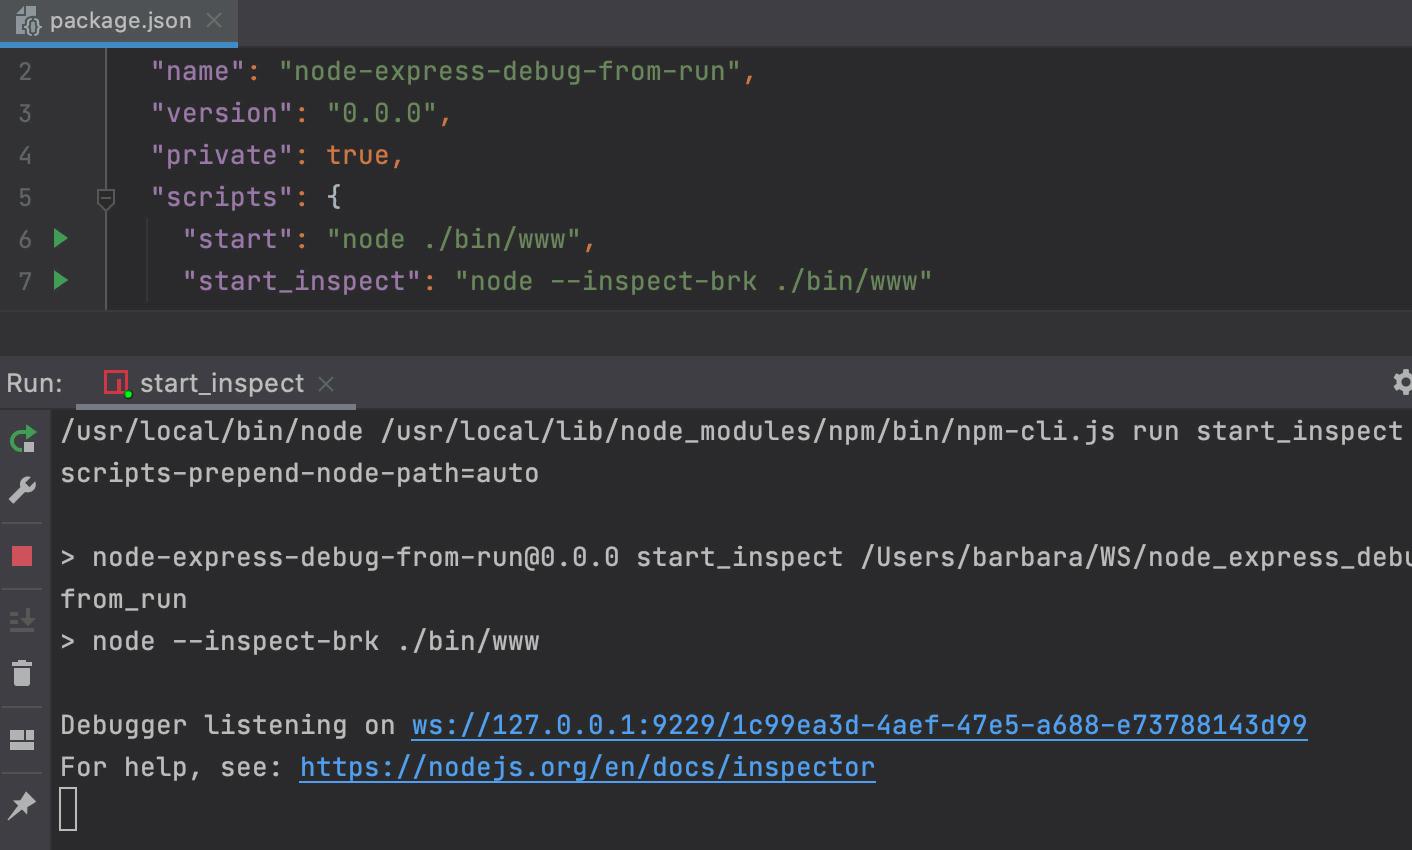 Running a script: Run tool window